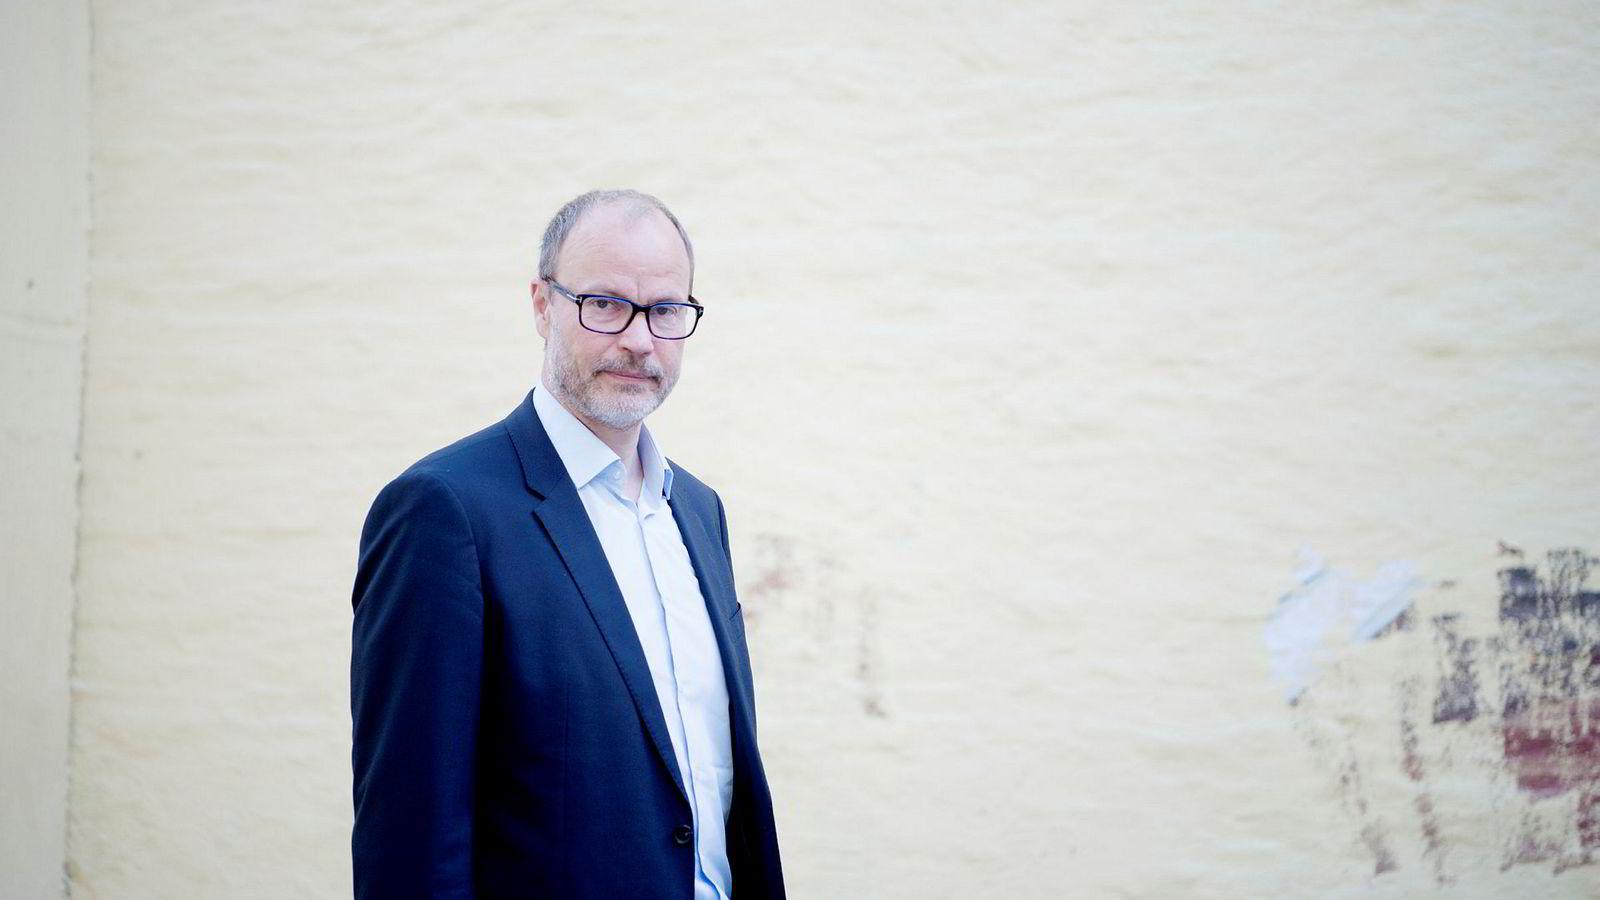 Egil Dahl var med å starte Platekompaniet i 1992 og bygget det opp til Norges største plateimperium. Siden han solgte seg ut av Platekompaniet i 2008 har han tjent rundt 550 millioner kroner på aksjer, obligasjoner og eiendom.